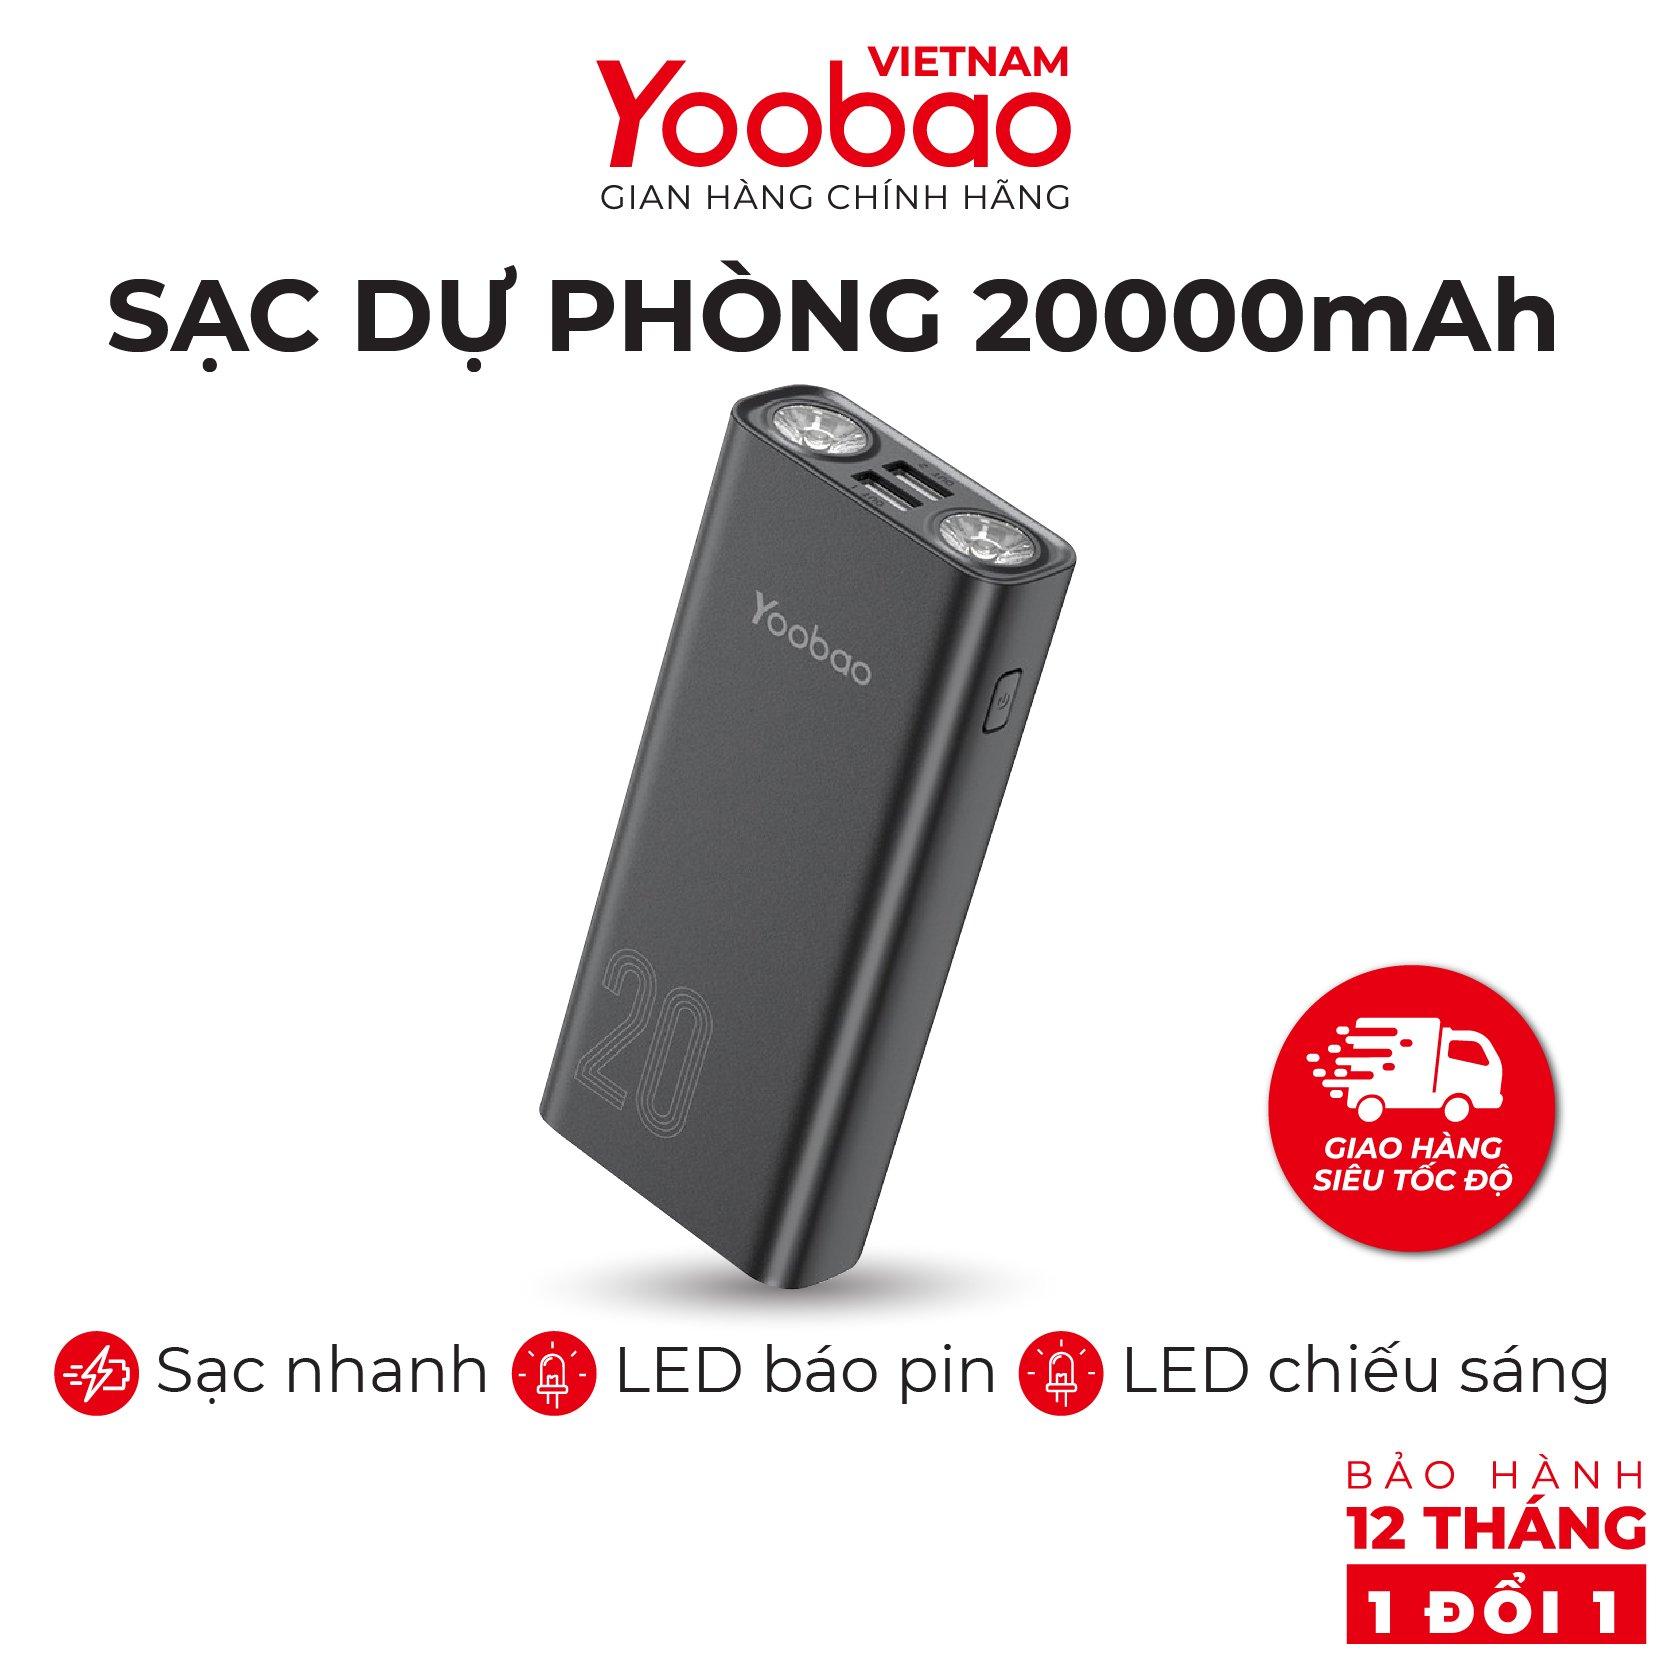 Pin sạc dự phòng Yoobao L20 20000mAh tích hợp 2 đèn LED siêu sáng - Hàng phân phối chính hãng - Bảo hành 12 tháng 1 đổi 1